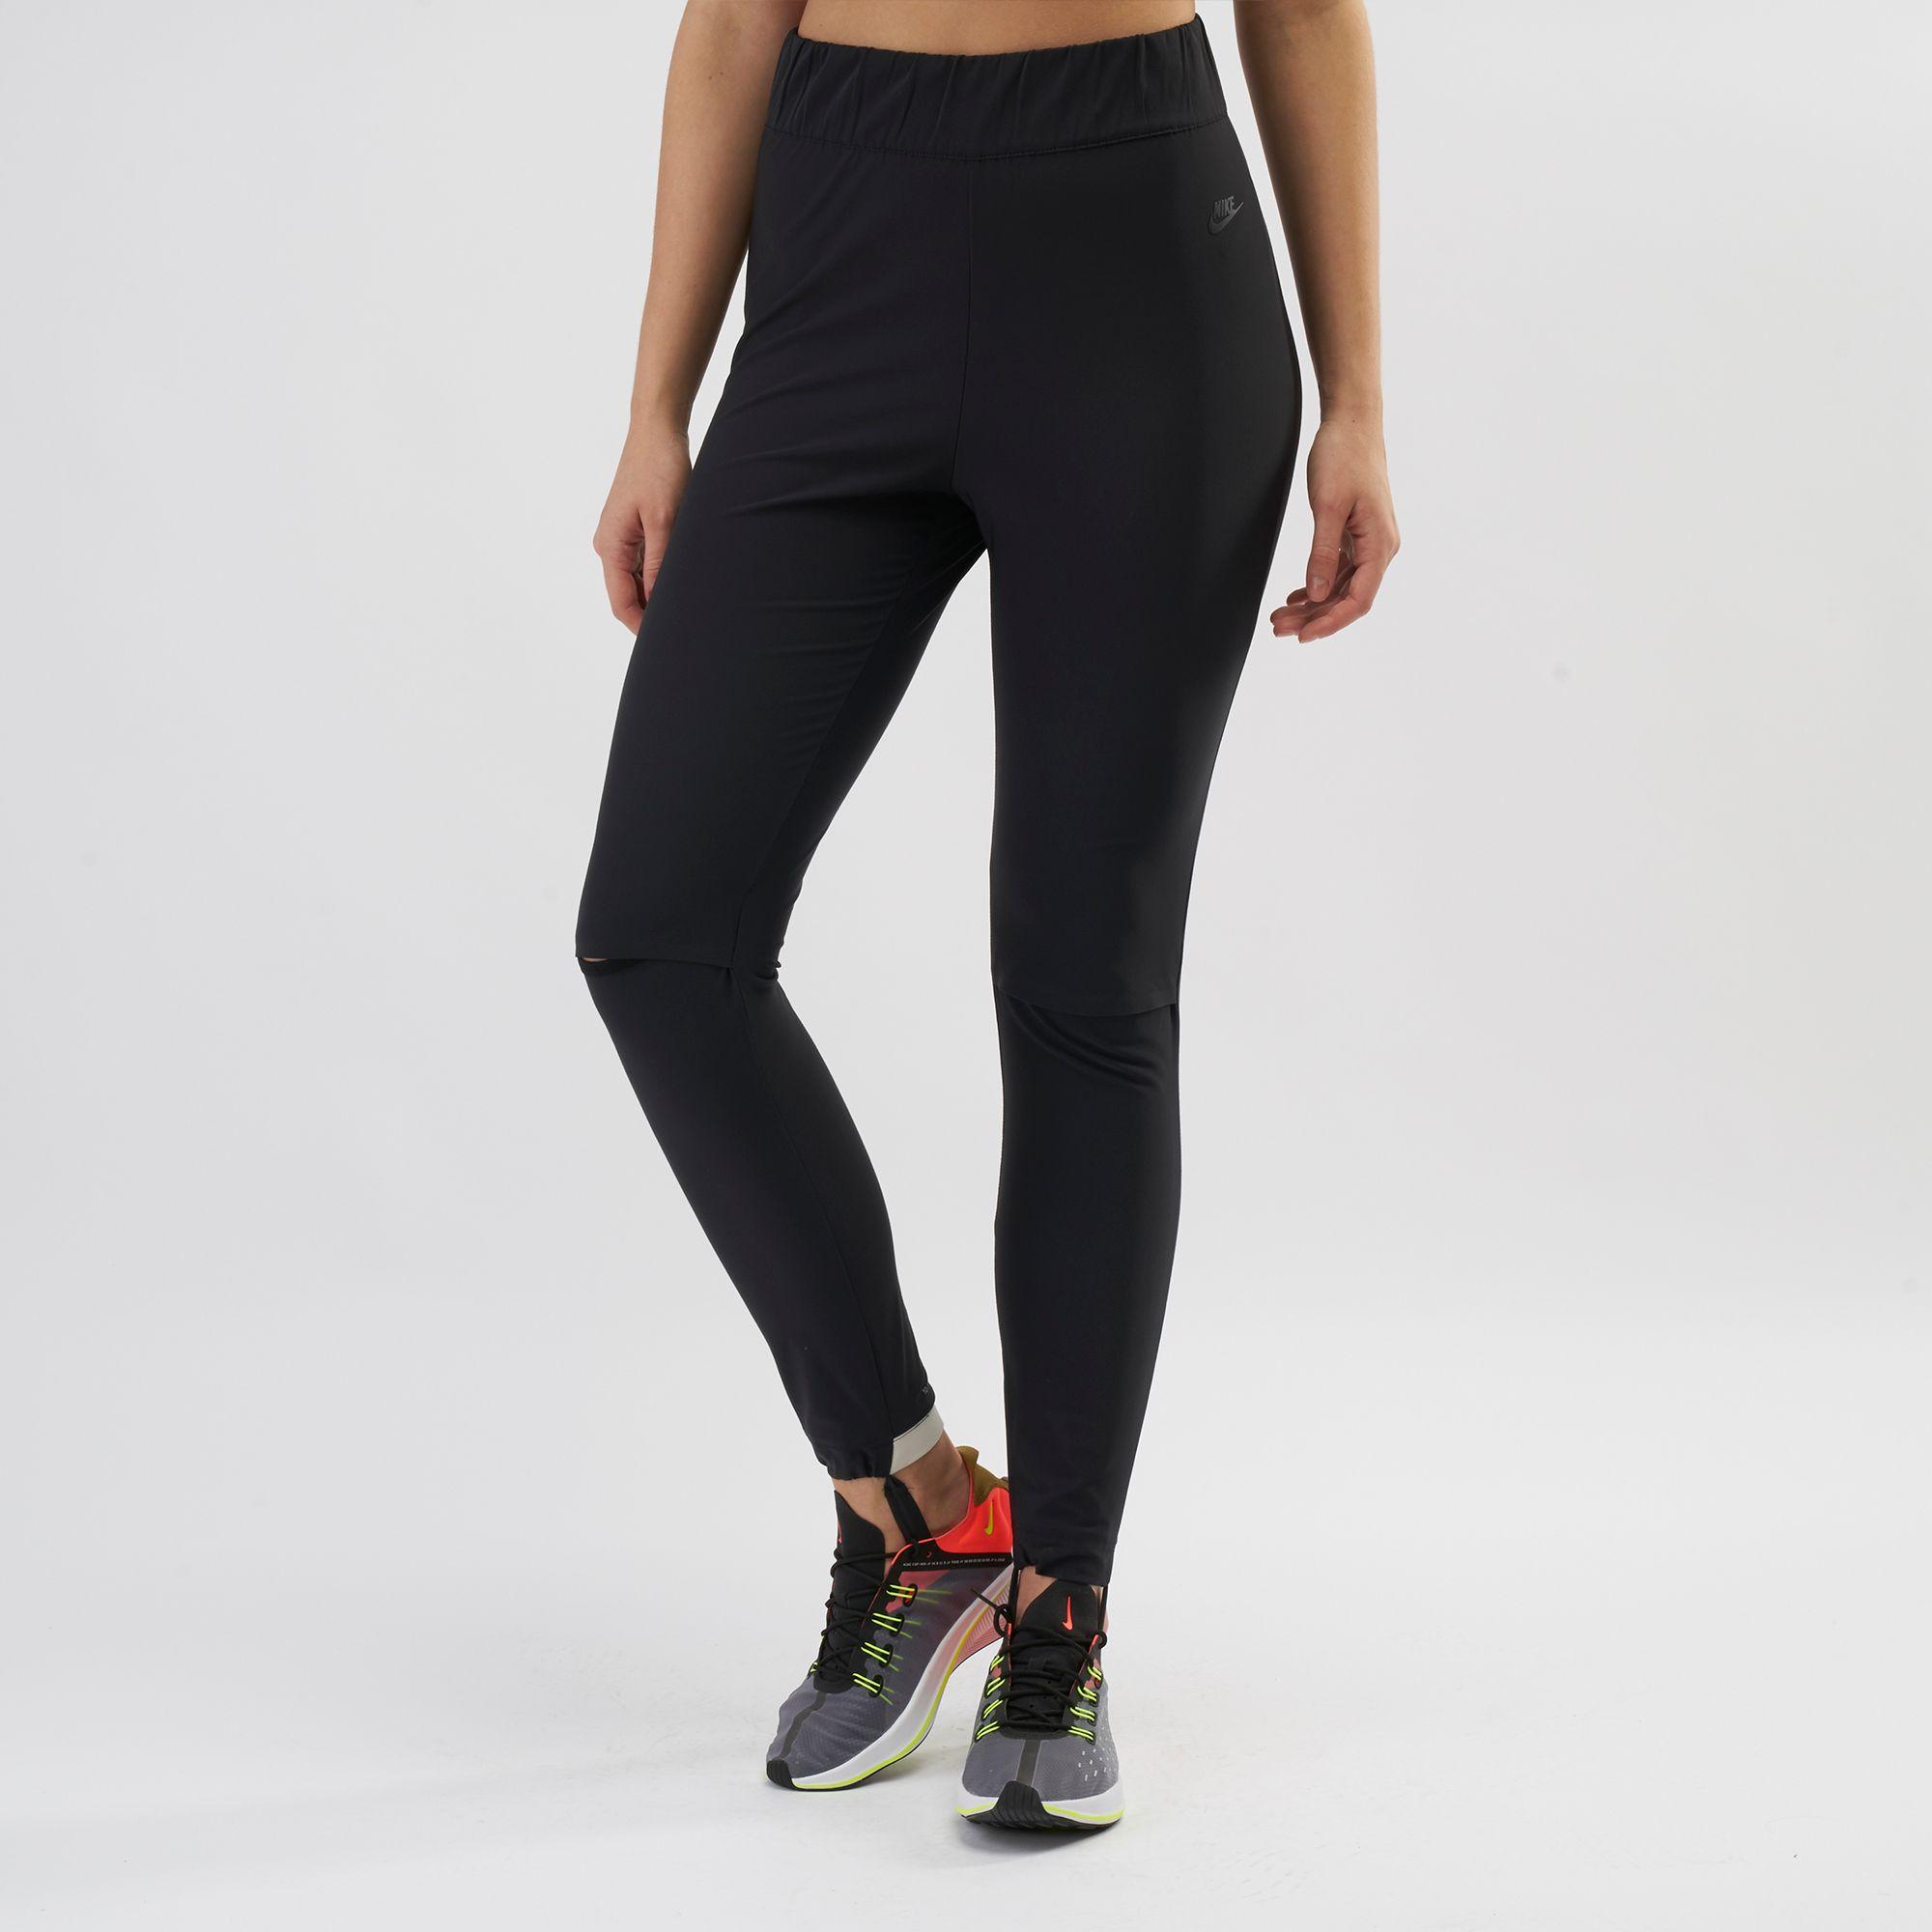 c8b11751190b1 Nike Sportswear Tech Pack Leggings | Full Length Leggings | Leggings ...